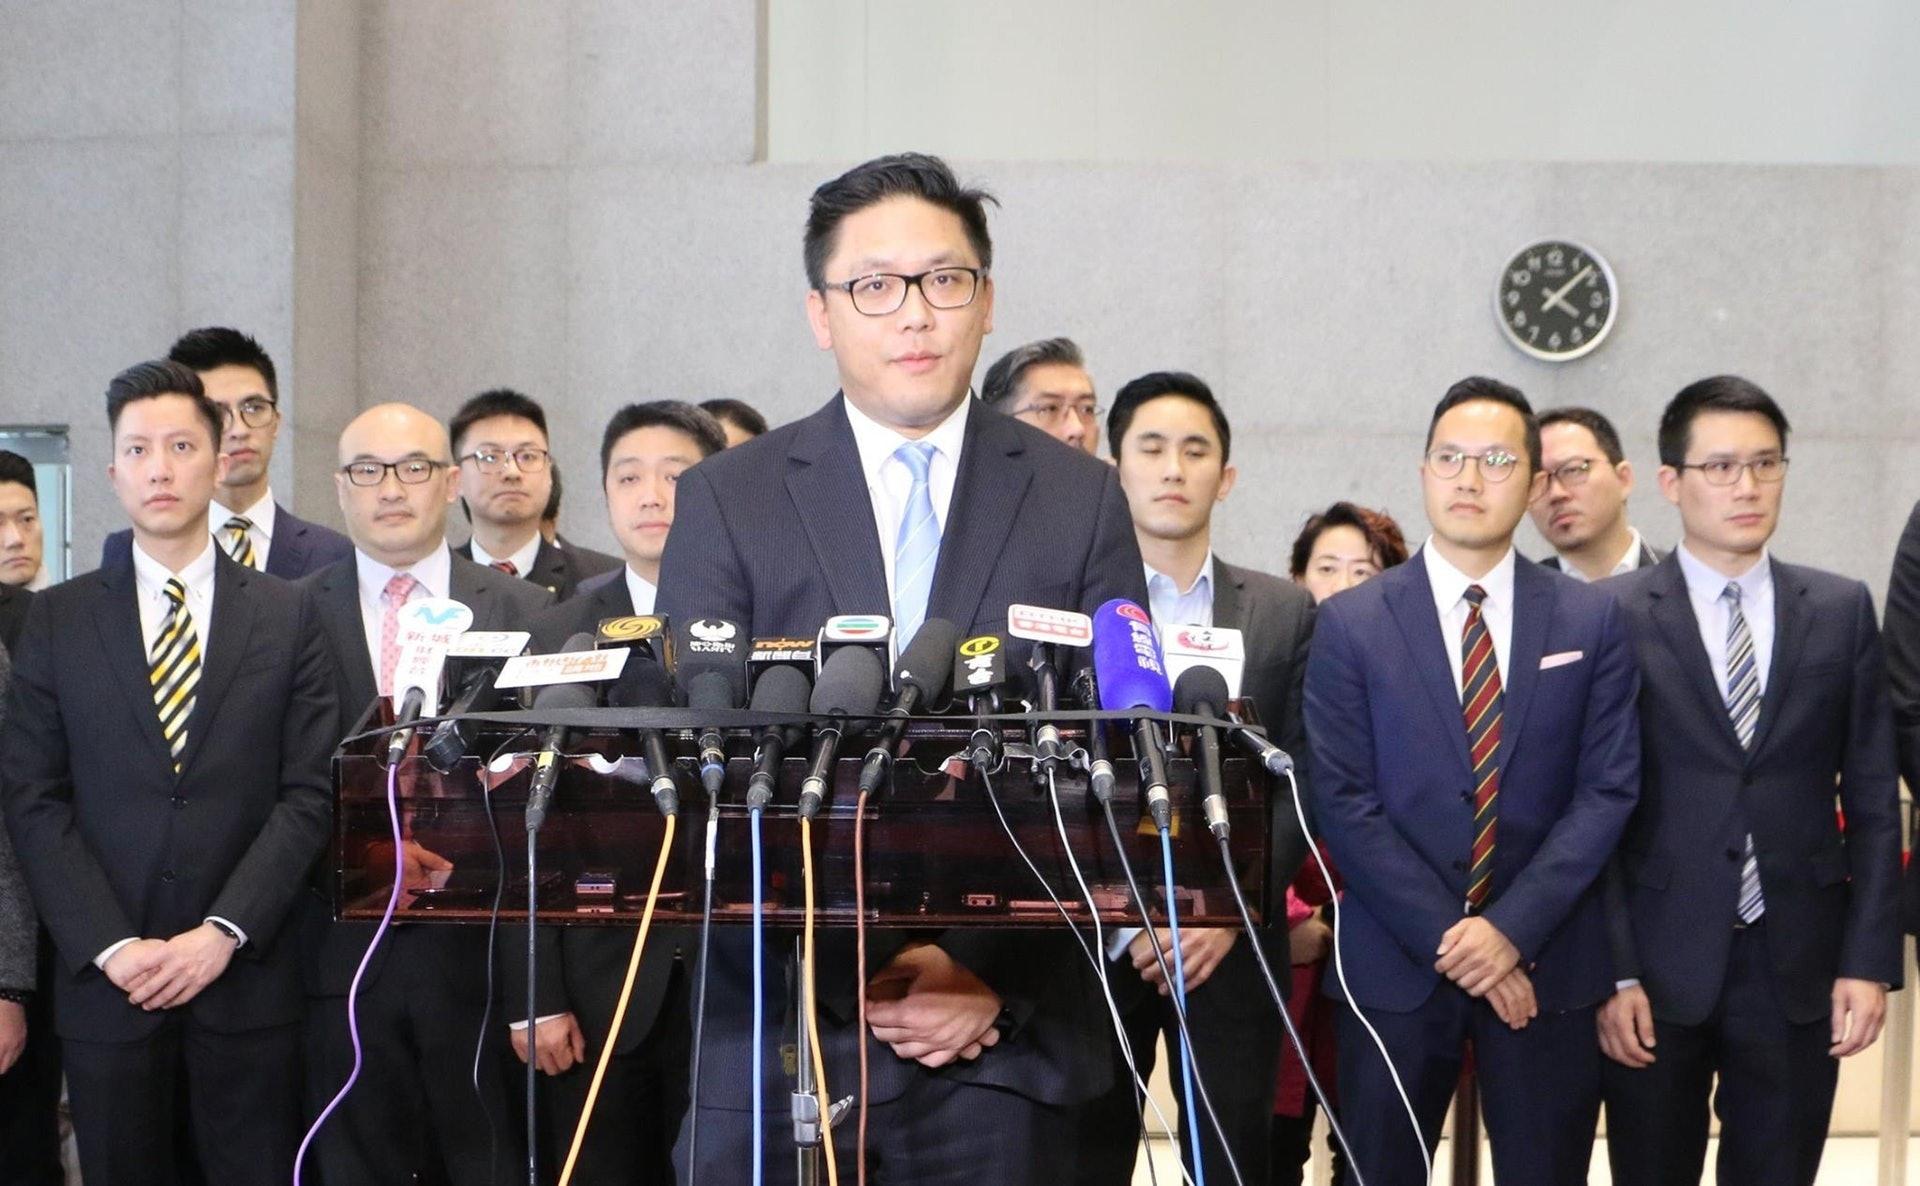 梁宏正表示,香港的青年專長多元化,年青人或希望從事工業、科技、服務業,以至文化企業,而大灣區不同城市在分工、協同發展下,正好提供多元的工作選擇。(資料圖片)